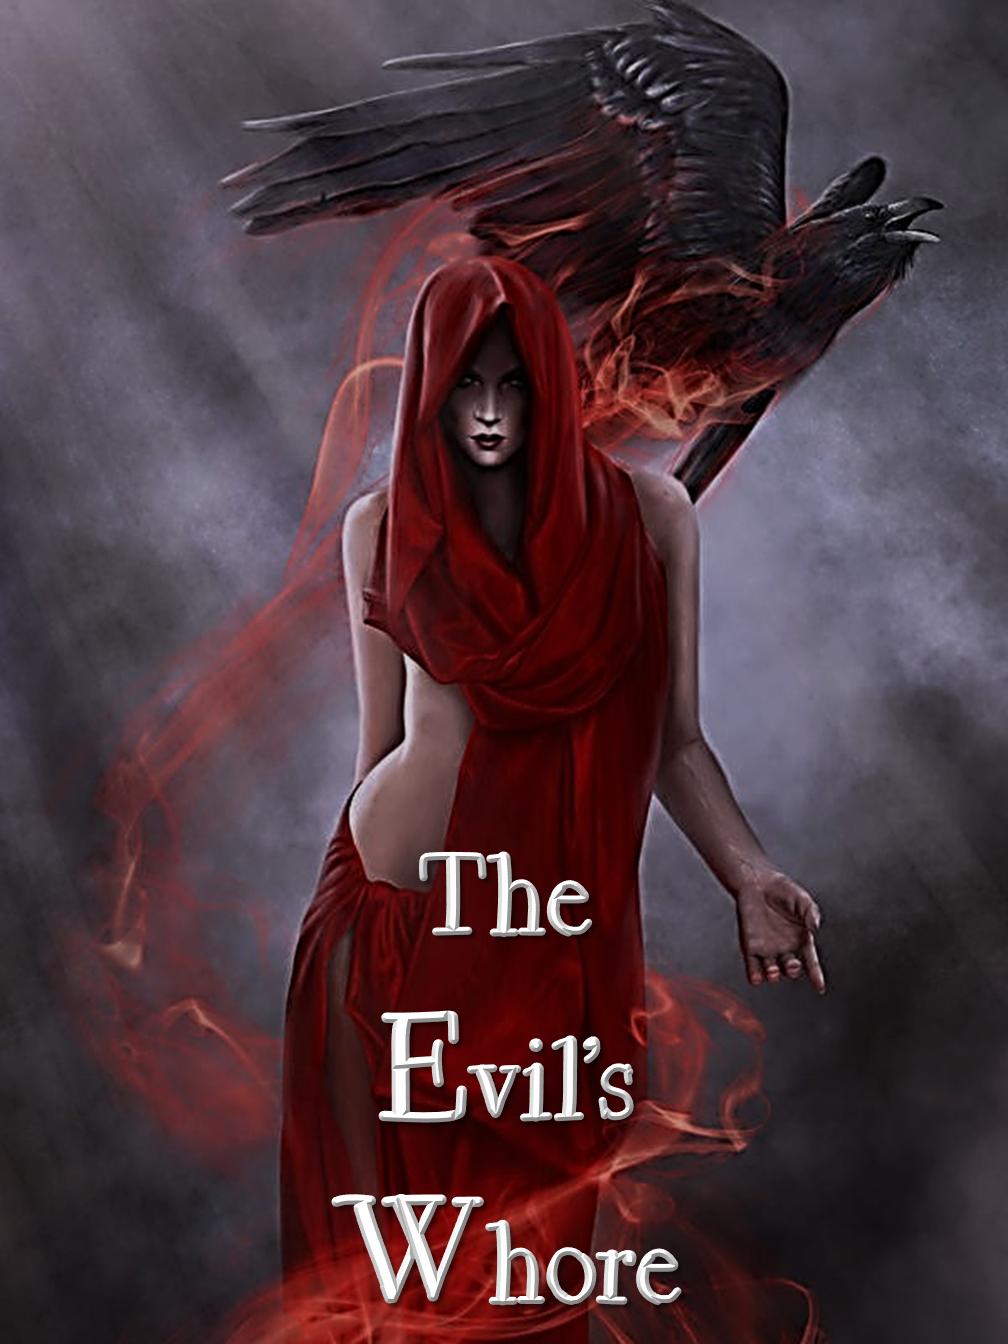 The Evil's Whore